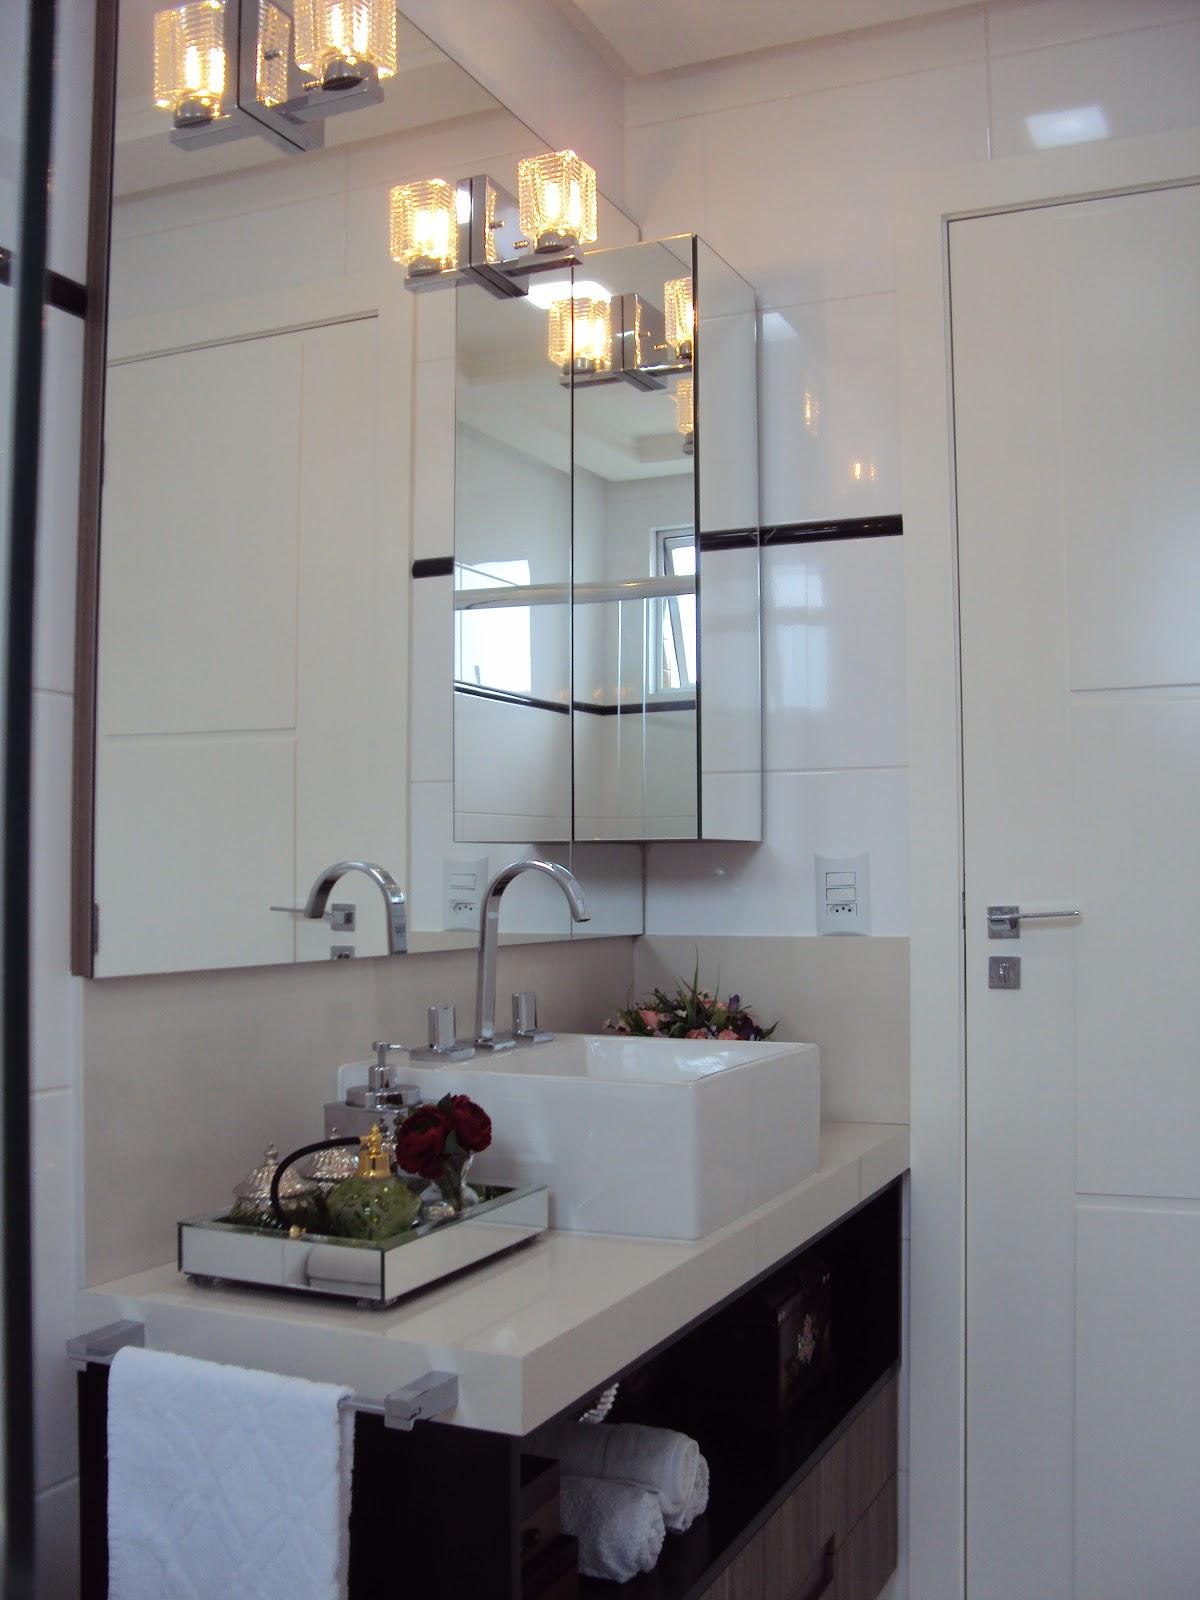 móvel aéreo revestido com espelhos para acomodar perfumes e cremes #8B6C40 1200x1600 Balcao Banheiro Com Espelho